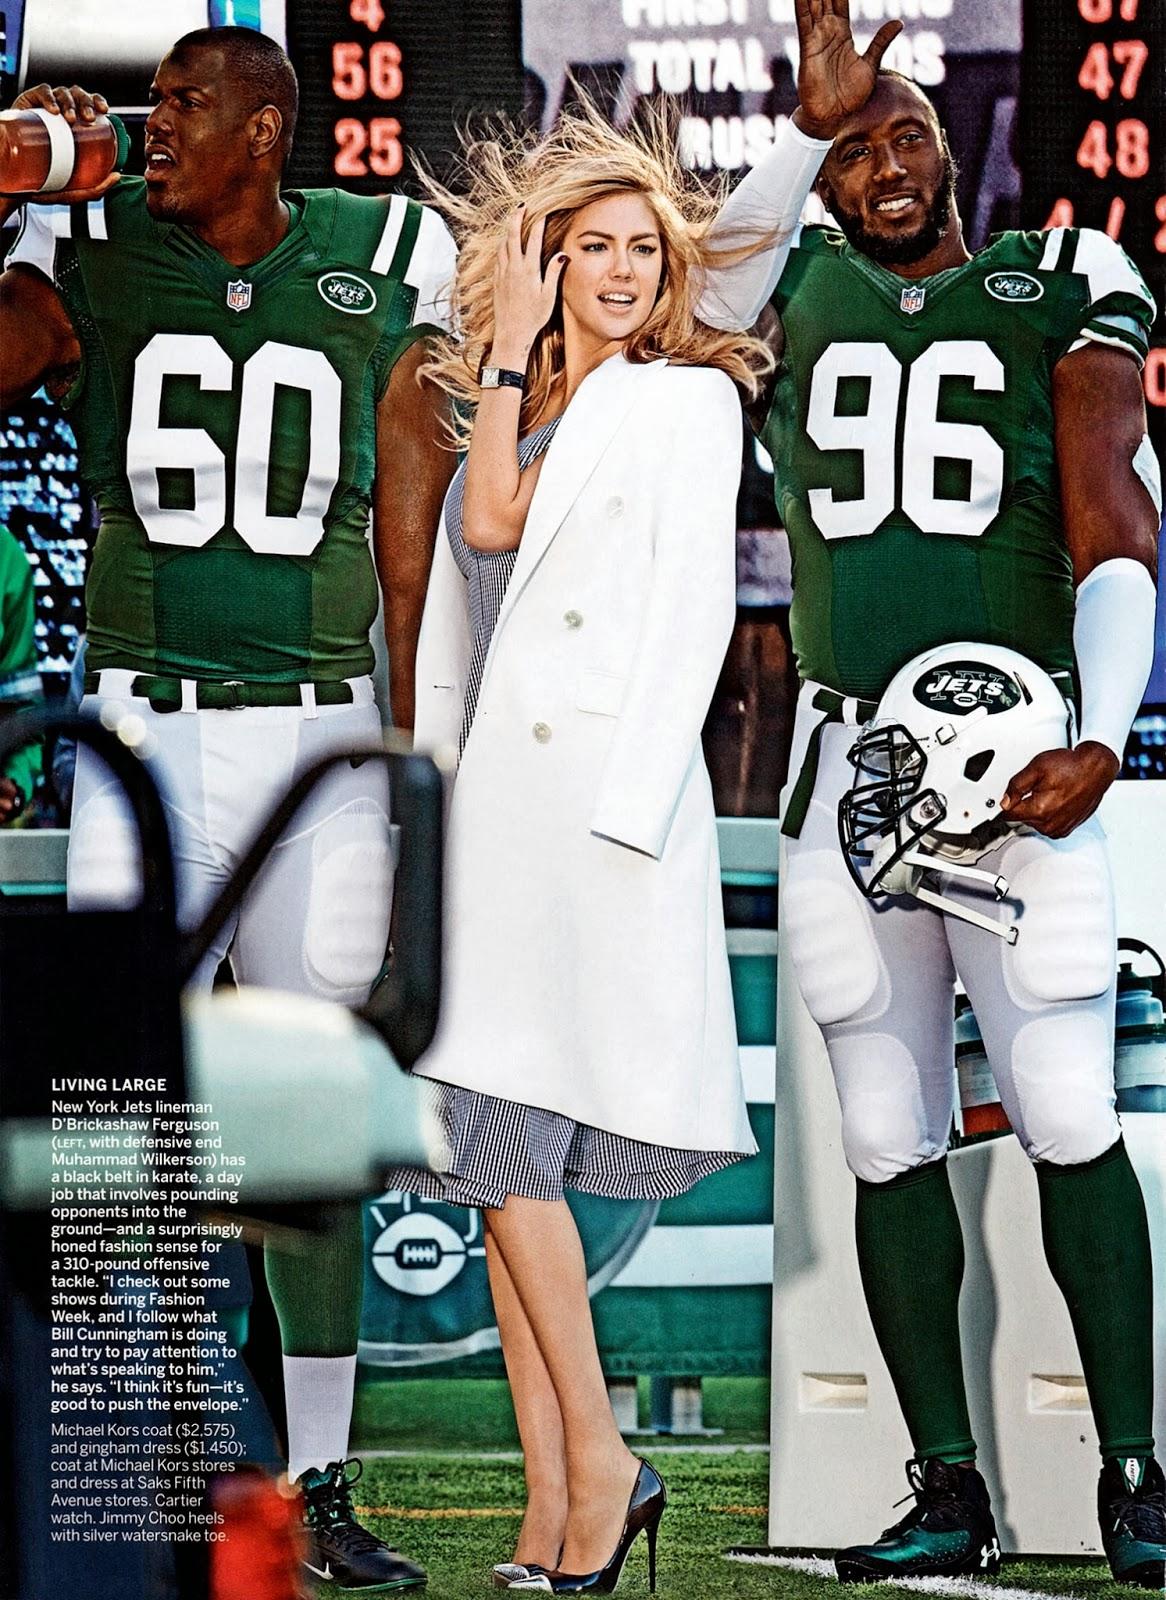 Magazine Cover : Kate Upton Magazine Photoshoot Pics on Mario Testino Vogue Magazine US February 2014 Issue